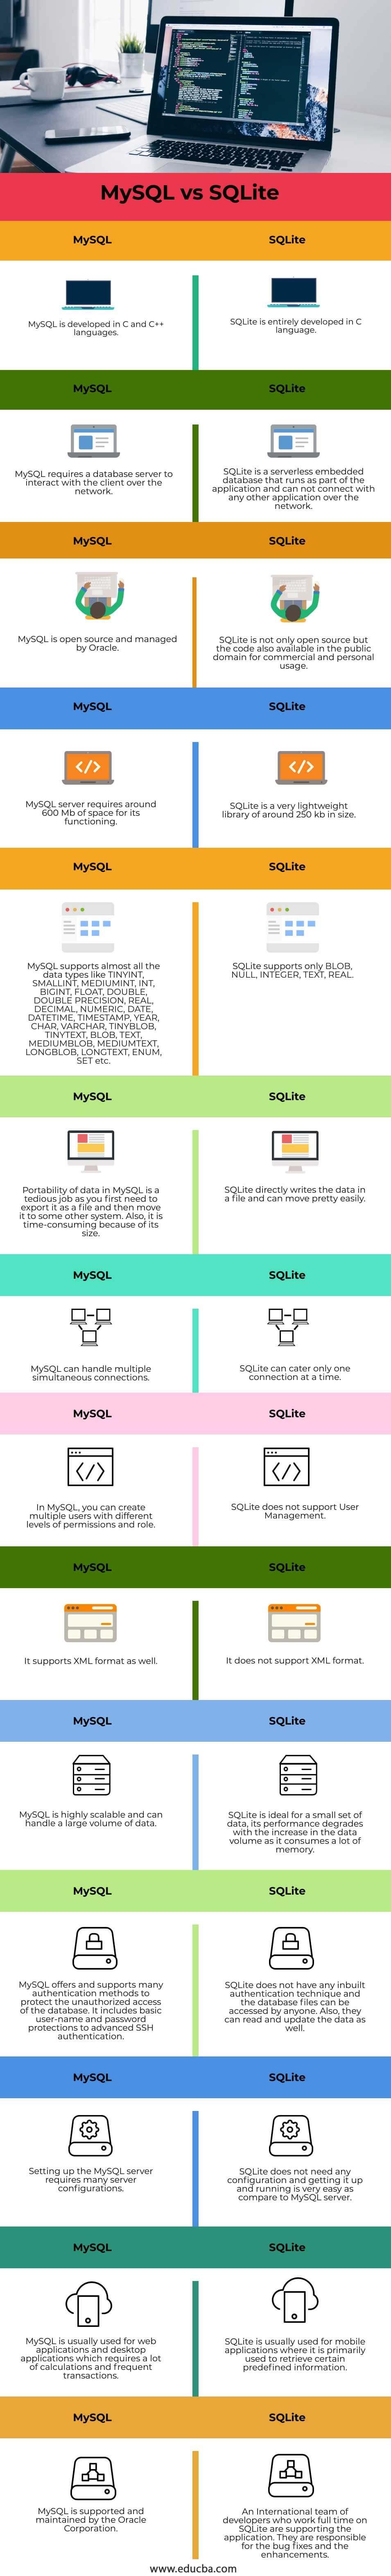 MySQL-vs-SQLite-info